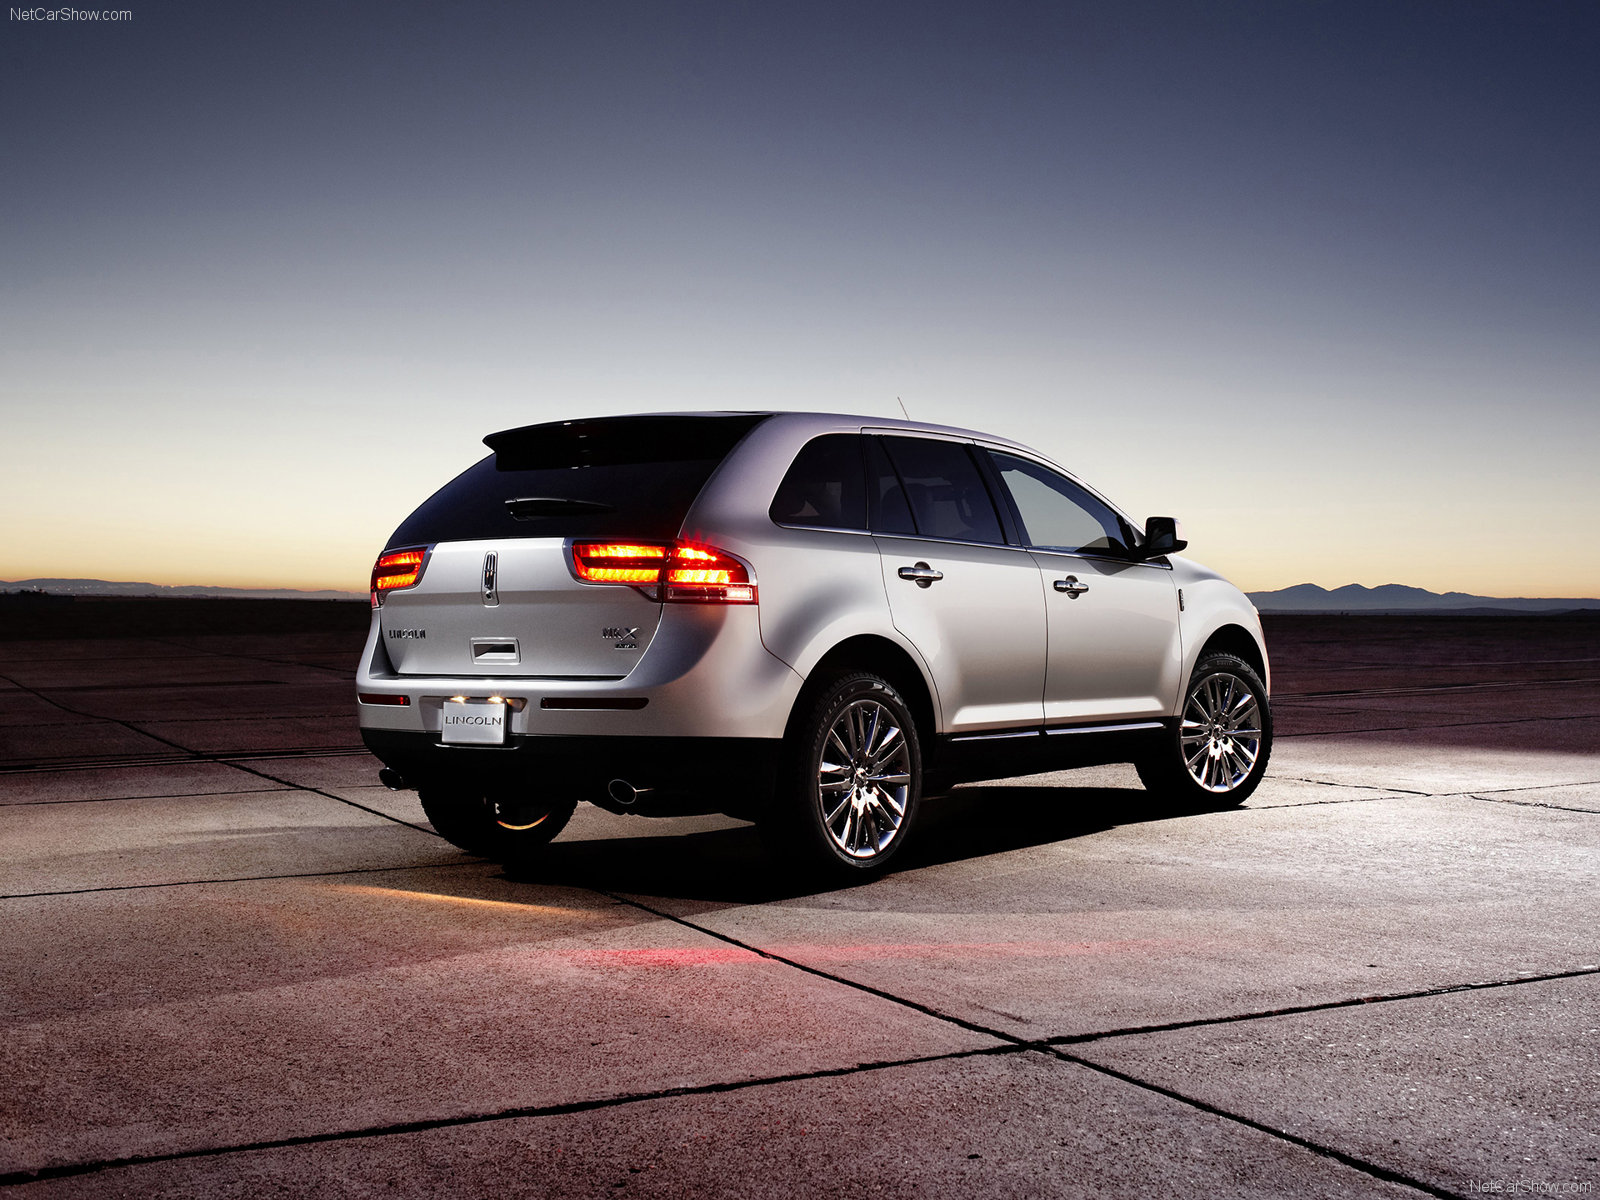 Hình ảnh xe ô tô Lincoln MKX 2011 & nội ngoại thất